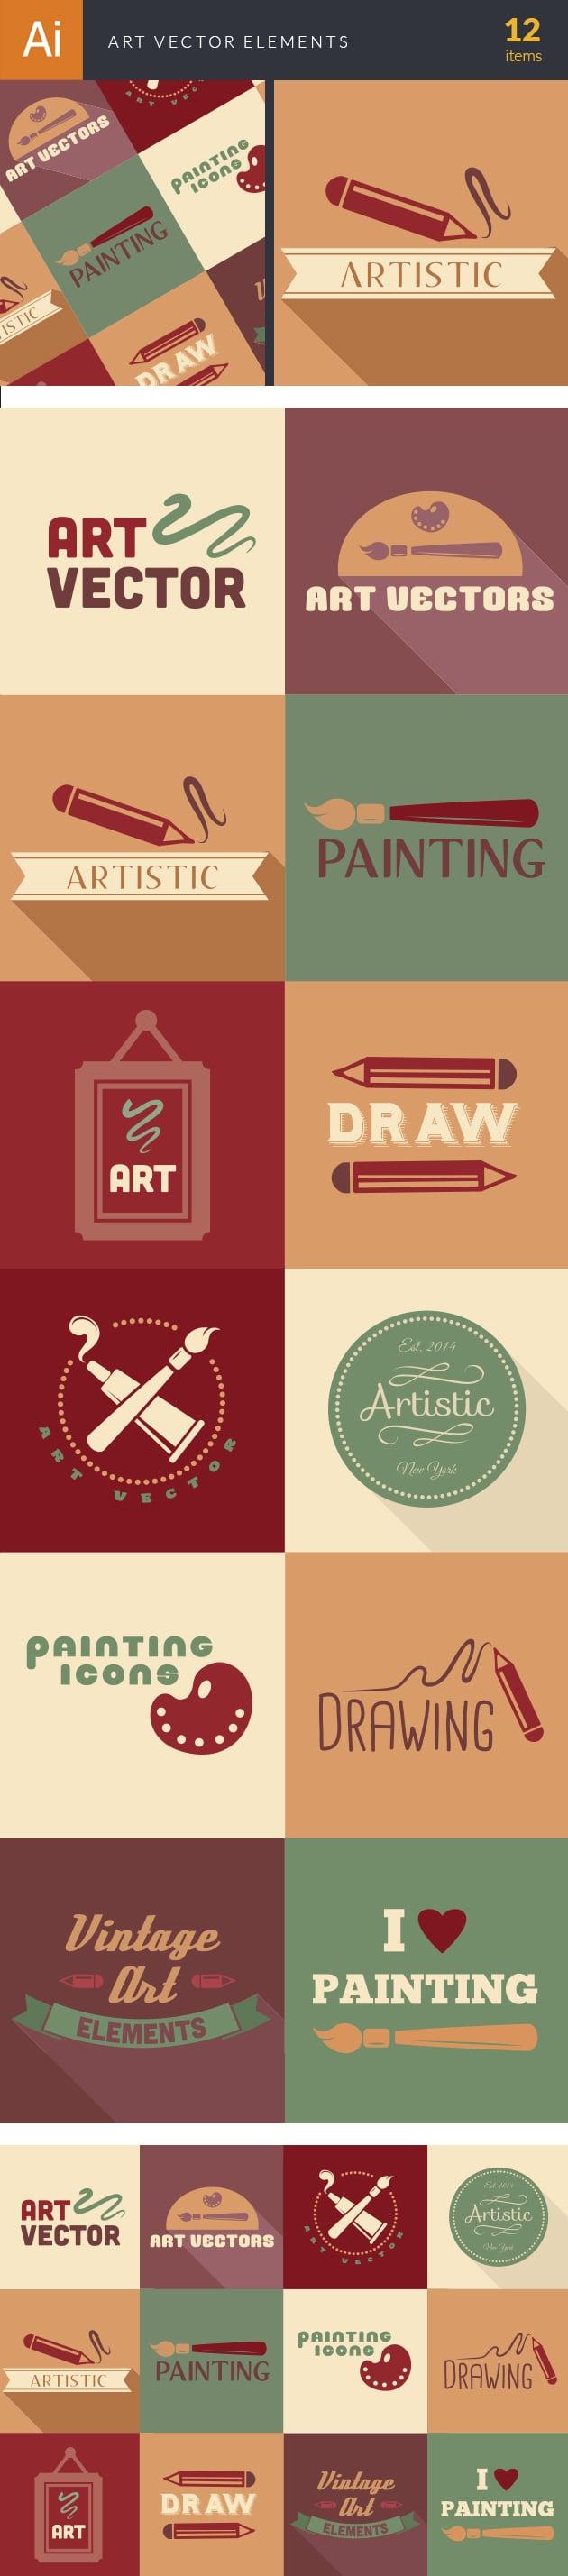 designtnt-art vector elements-vector